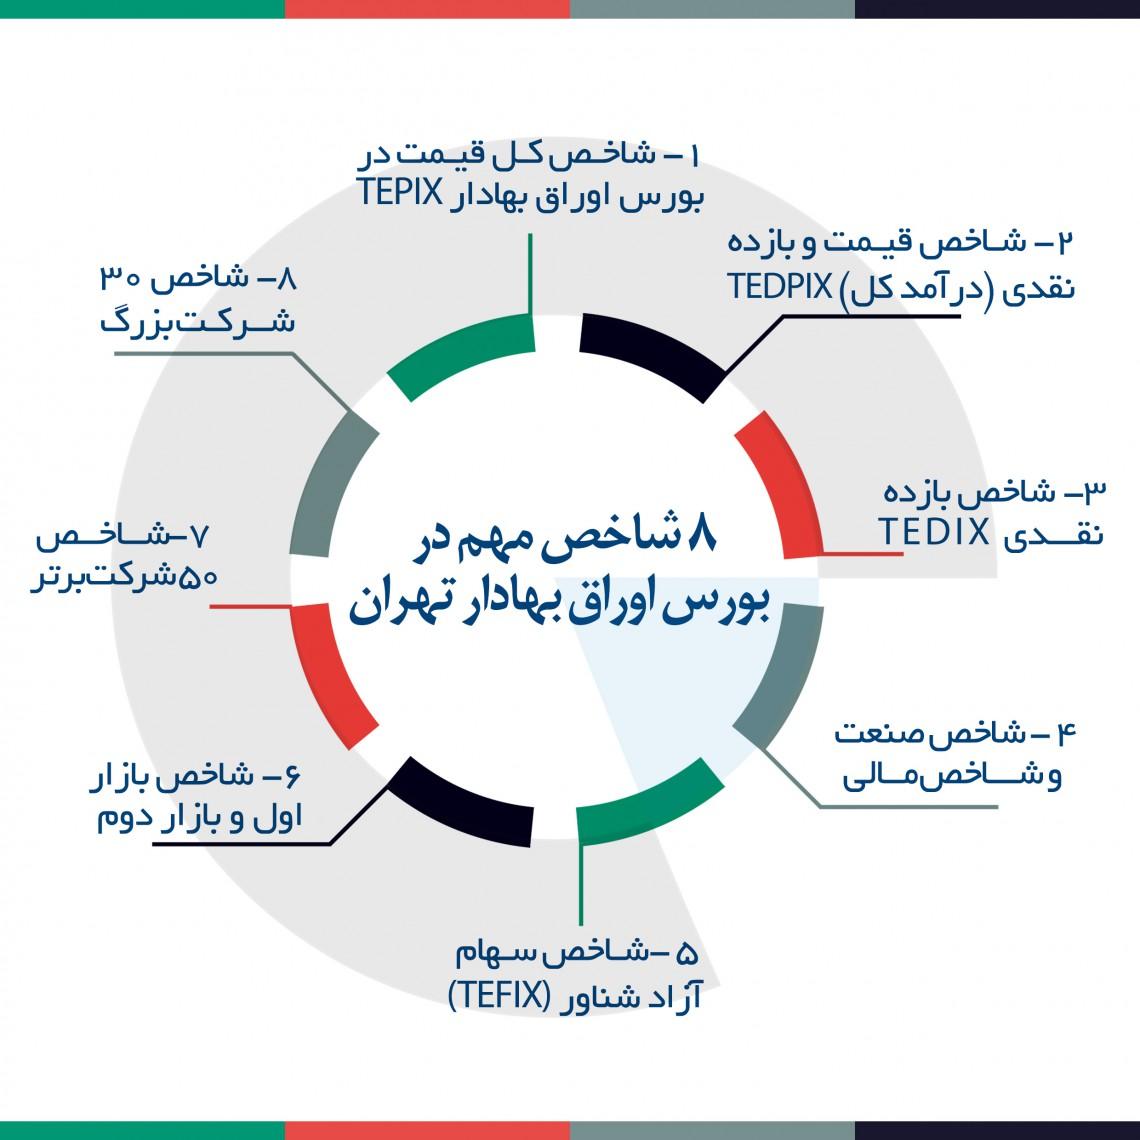 ۸ شاخص مهم در بورس اوراق بهادار تهران